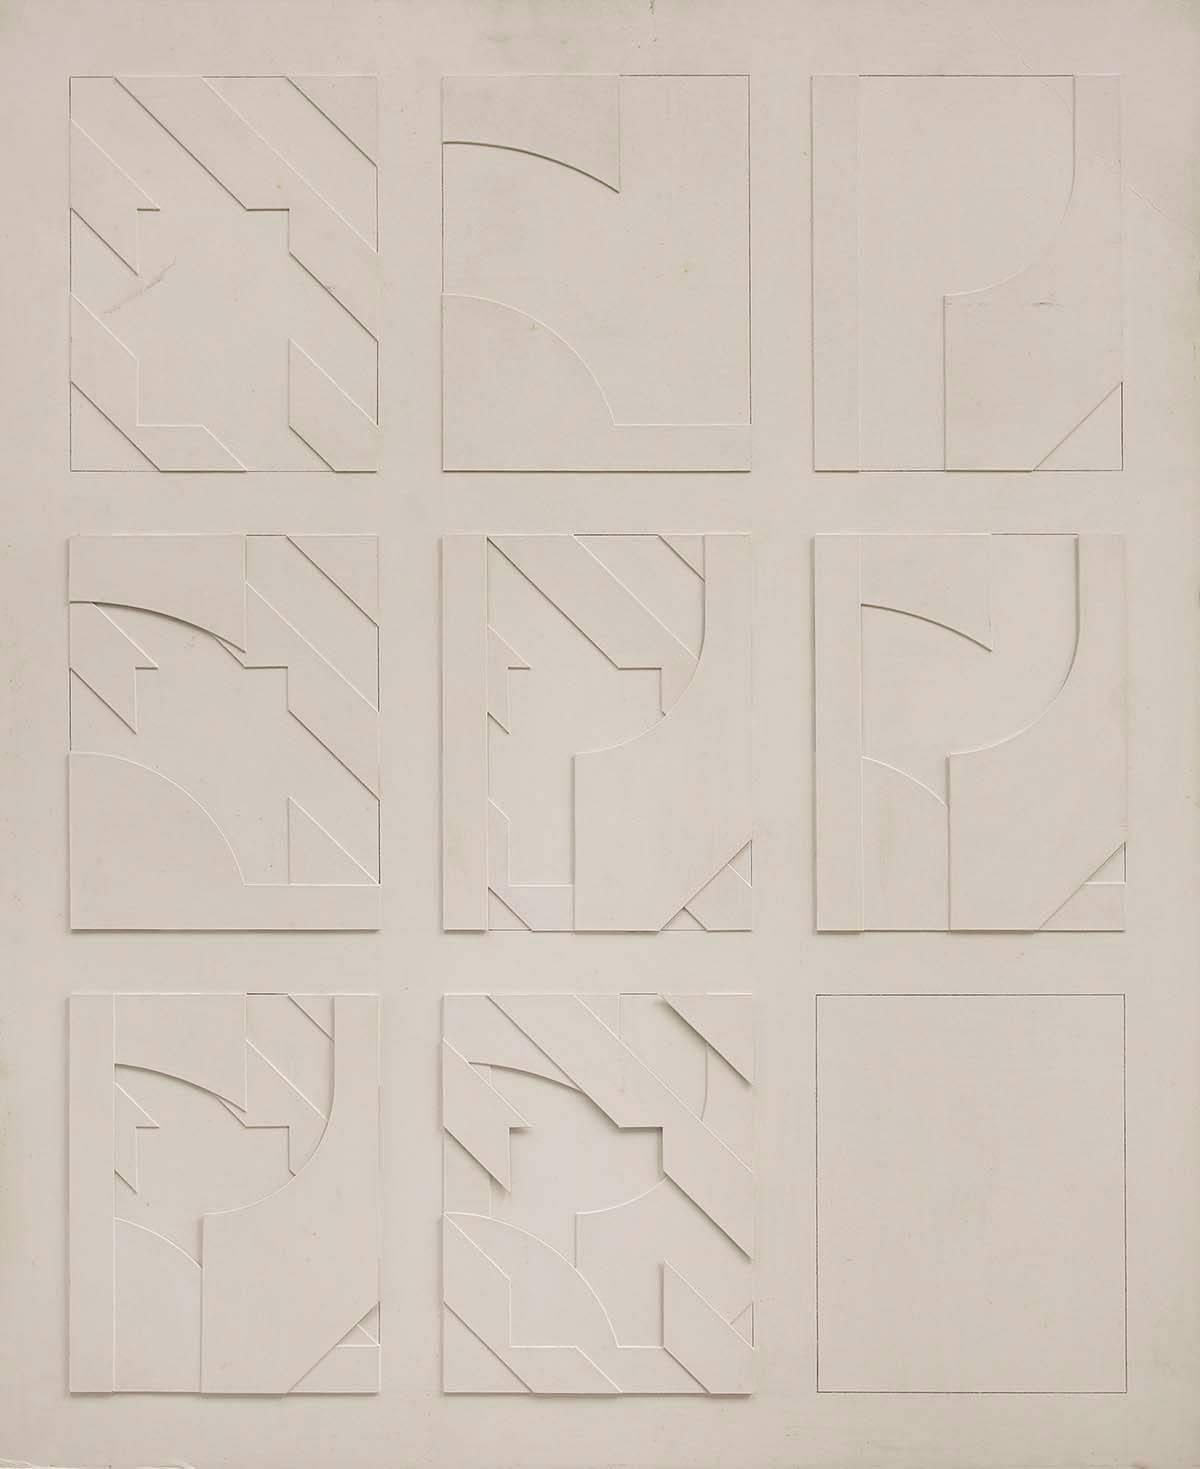 Concstructivist Concrete Monochrome Assemblage Wall Sculpture Painting